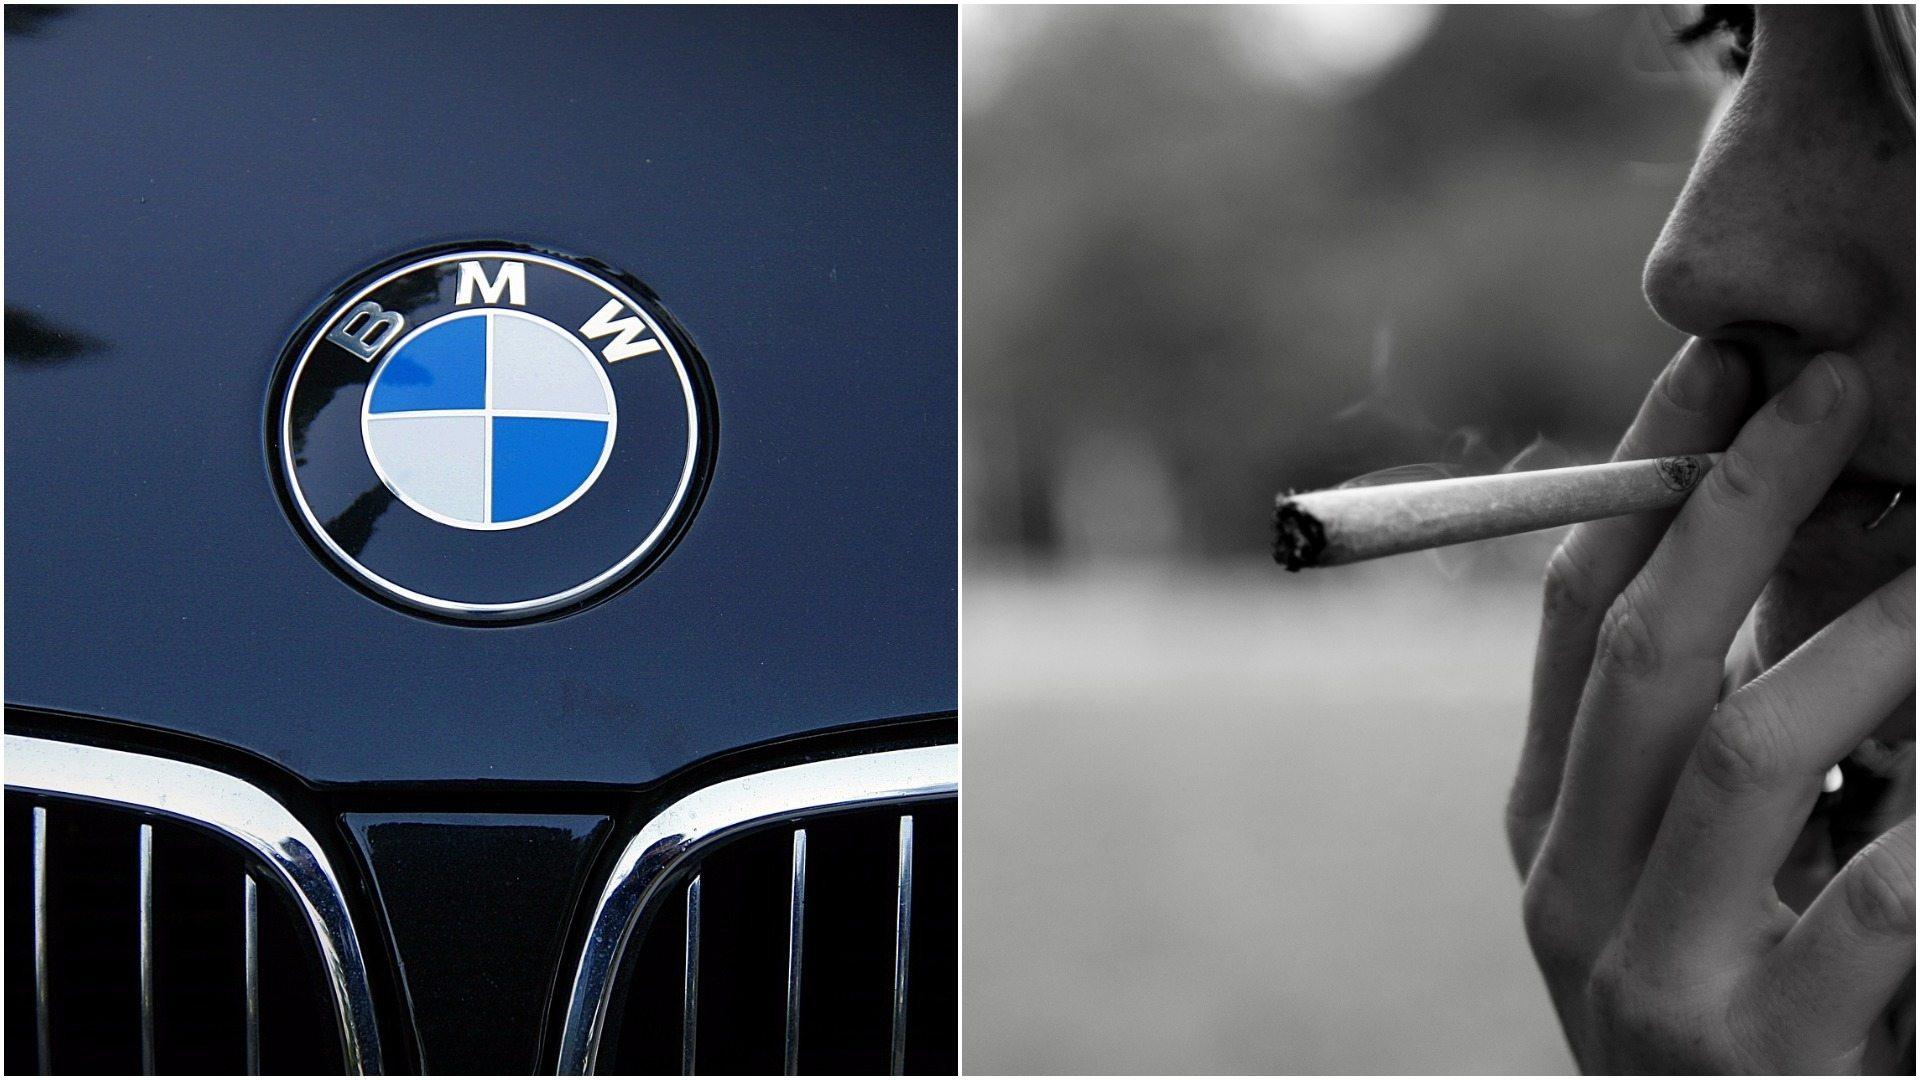 Polacy wstrzymali produkcję BMW, gigantyczne straty. Nie zgadniecie dlaczego...